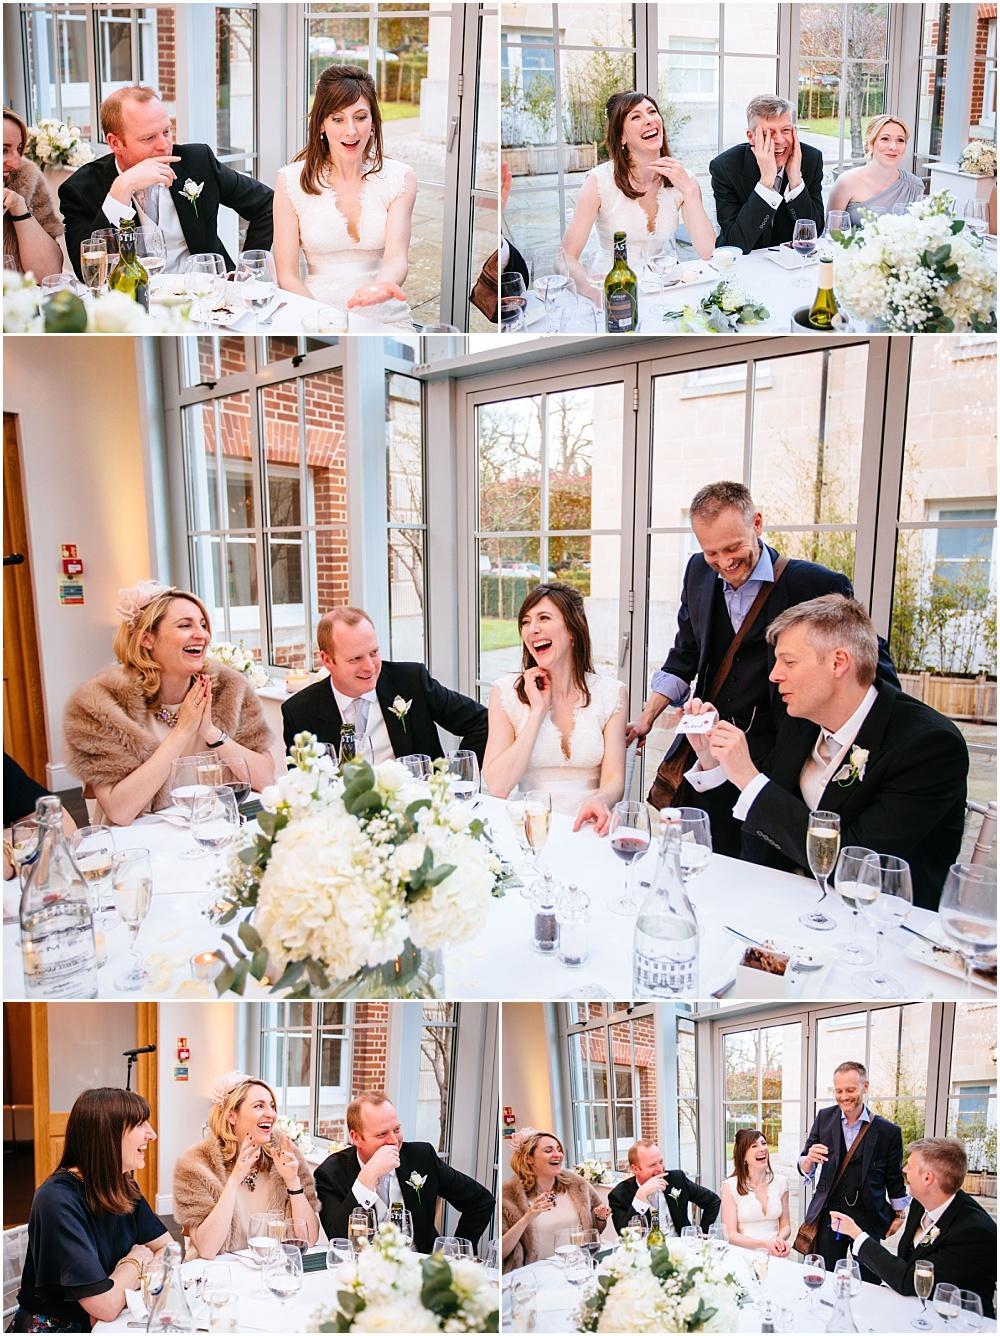 Magician making guests laugh at wedding